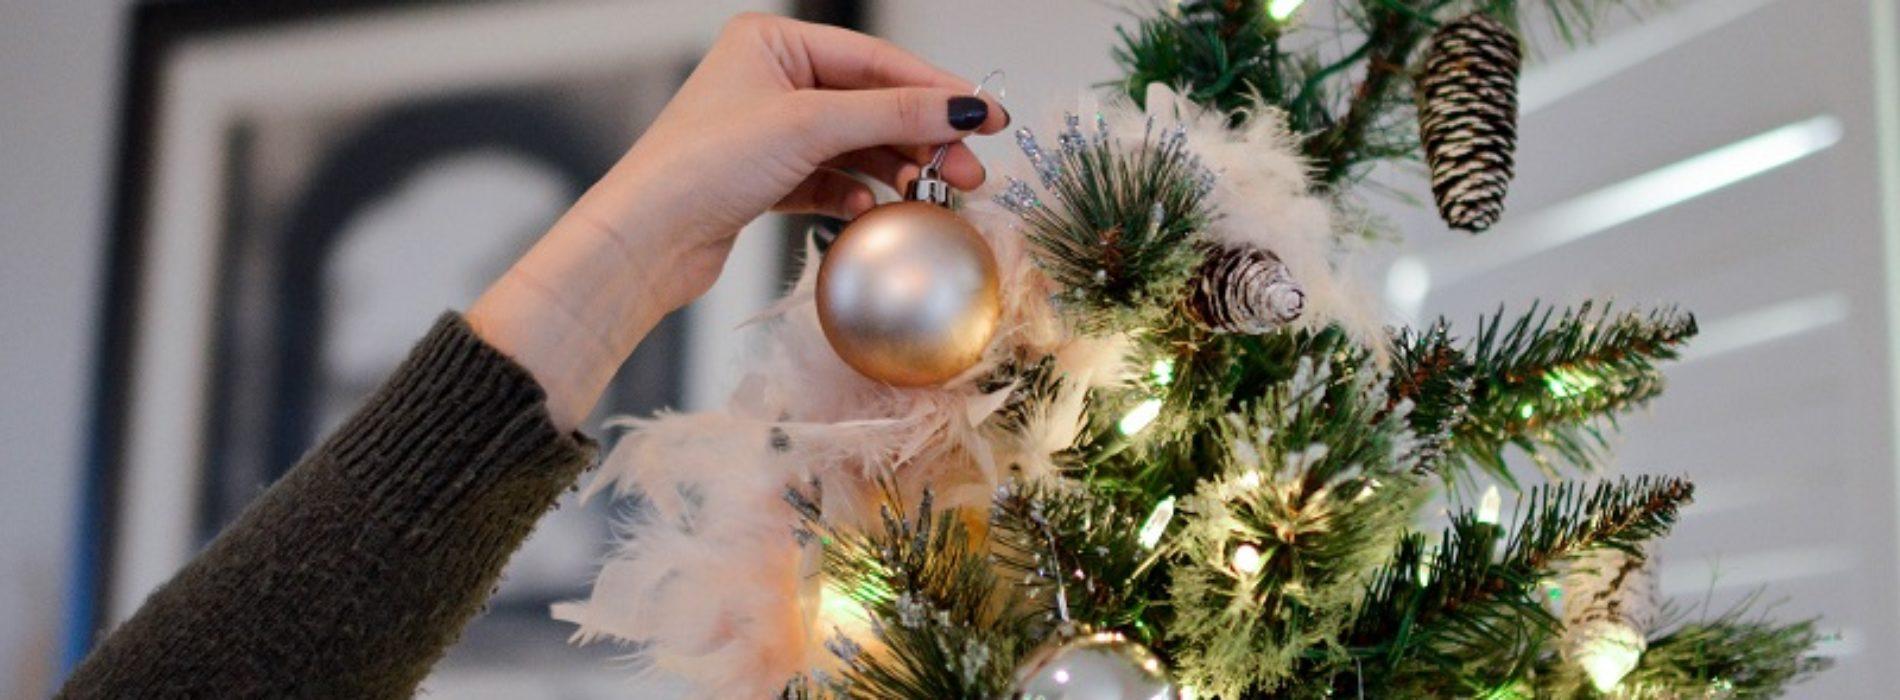 Szybka pożyczka na święta Bożego Narodzenia – zalety i wady